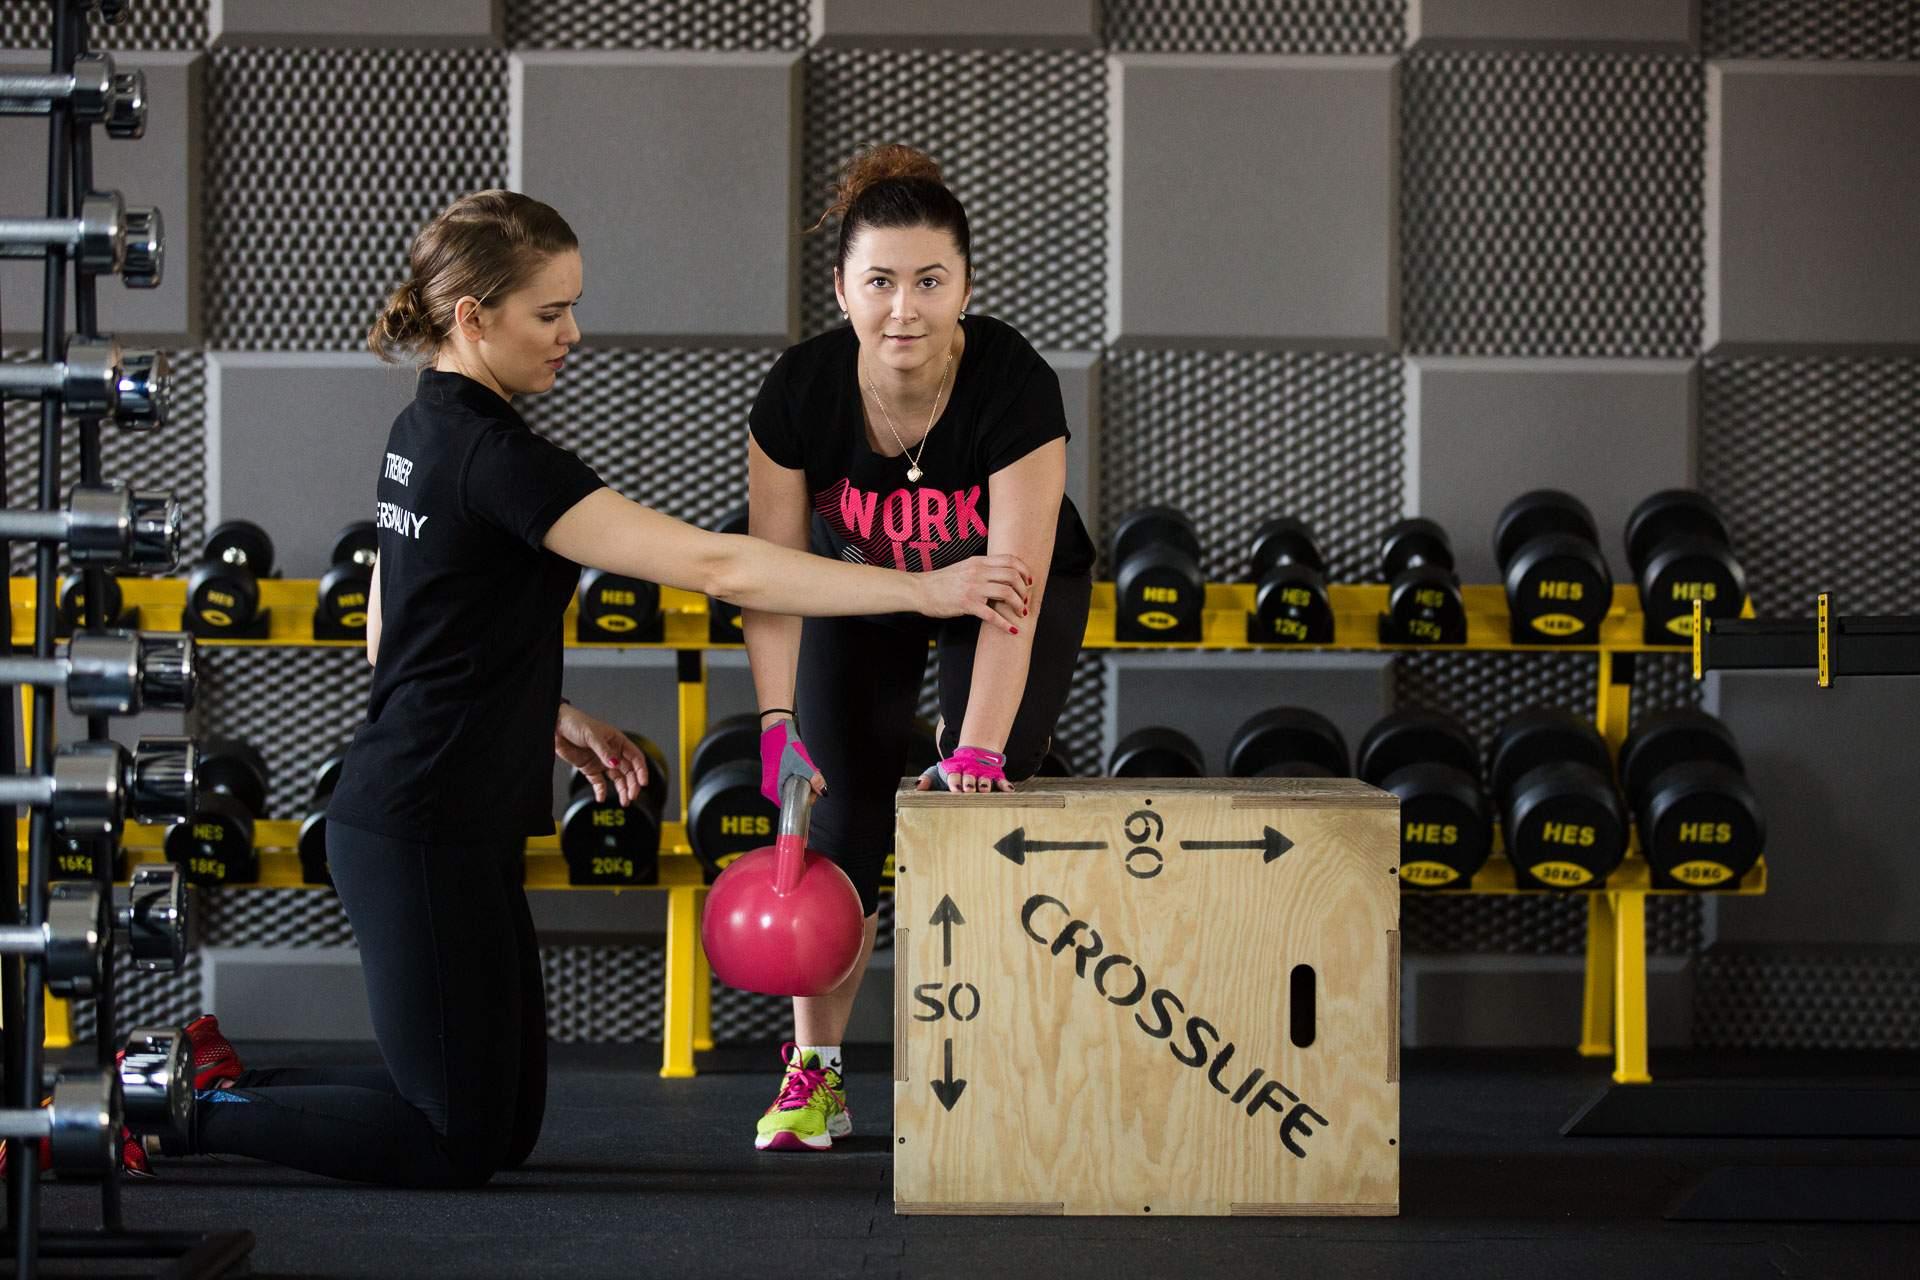 Trener personalny Marzena Dernowska prowadzi trening z użyciem kettleball.